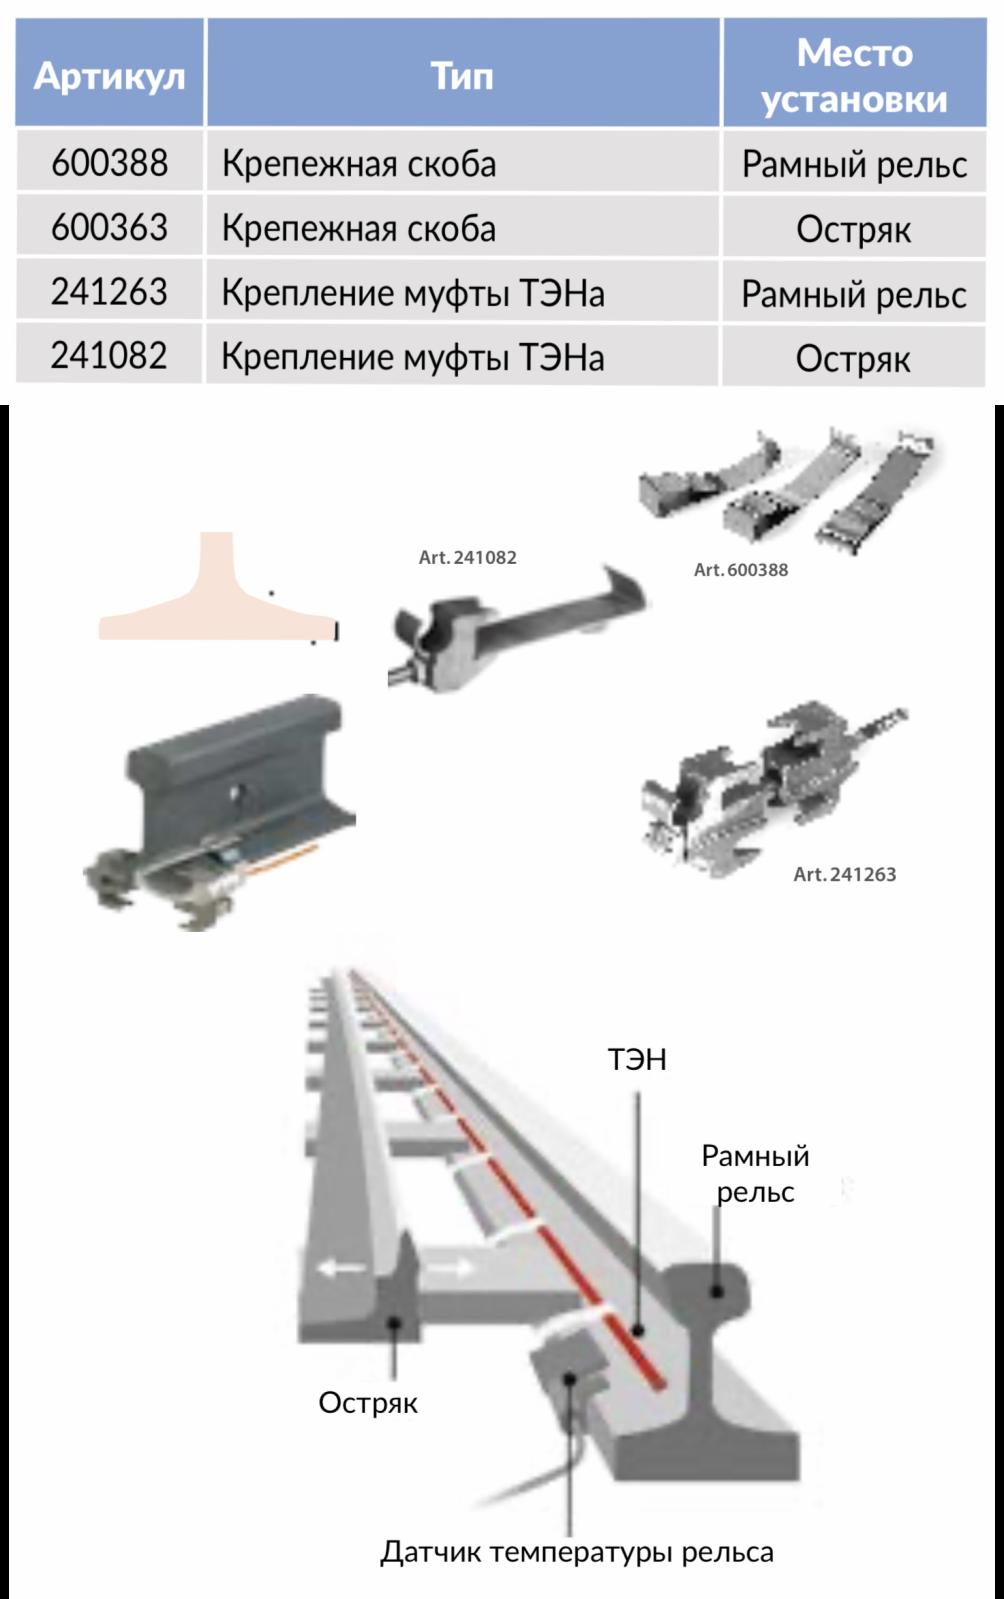 Елементи кріплення ТЕНів